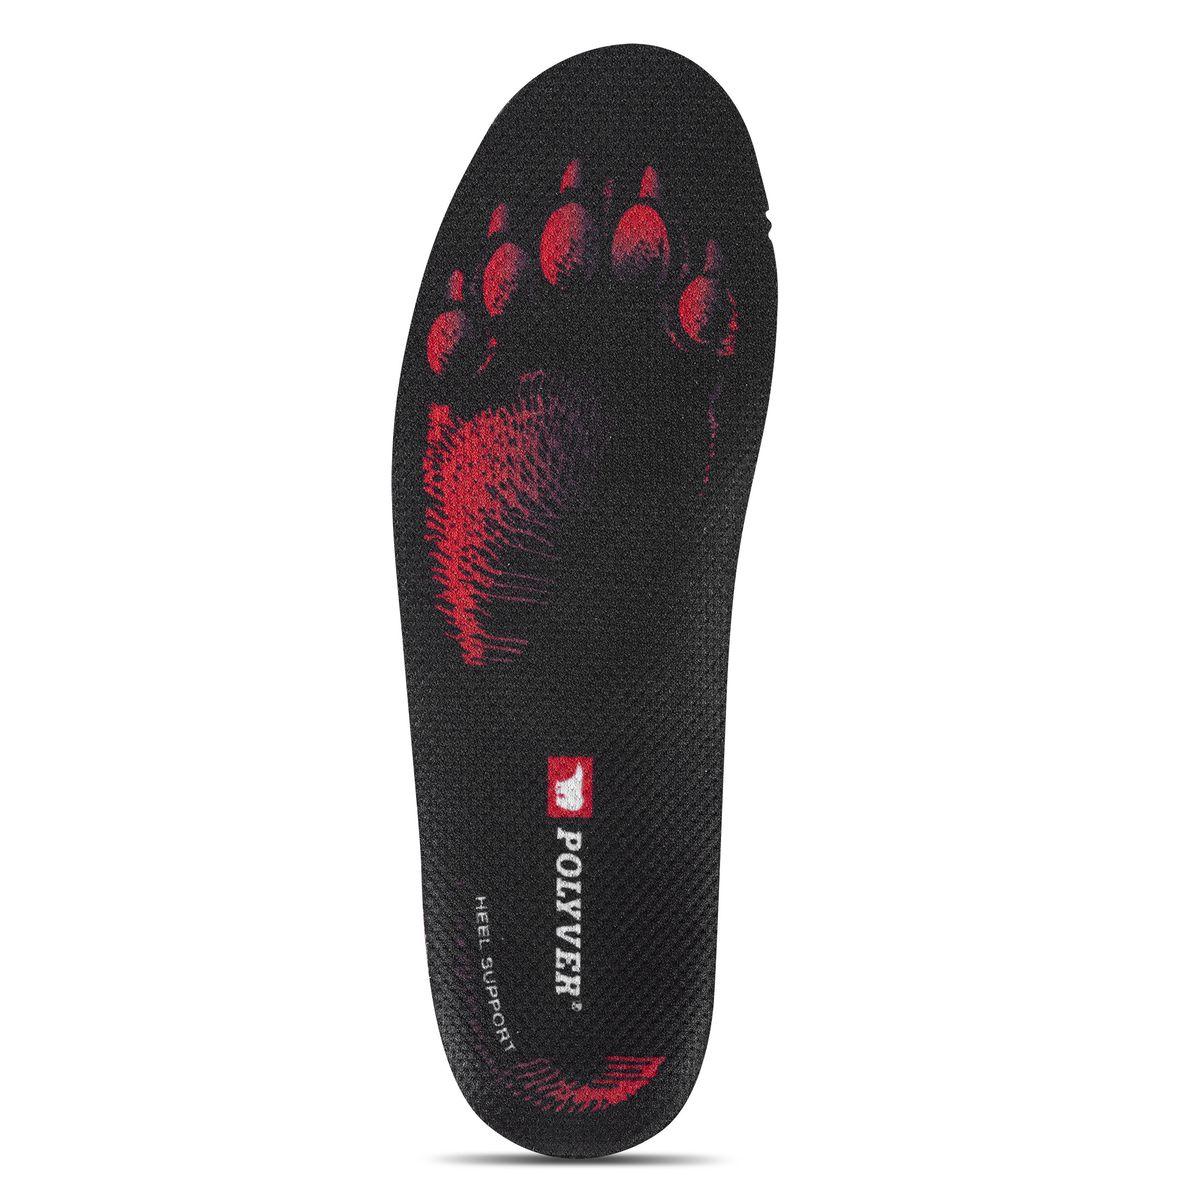 Стельки мужские Polyver Premium, цвет: красный, черный. Размер 44/45AM-INSO-4Термоизоляционные стельки Polyver Premium отлично защищают ноги от холода, при этом отводя лишнюю влагу. Стельки состоят из трех слоев: впитывающий влагу, амортизационный, термоизоляционный. Комфорт:- анатомическая форма с поддержкой пятки,- стабилизация стопы для уменьшения боли с суставах,- повышает устойчивость и уменьшает усталость.